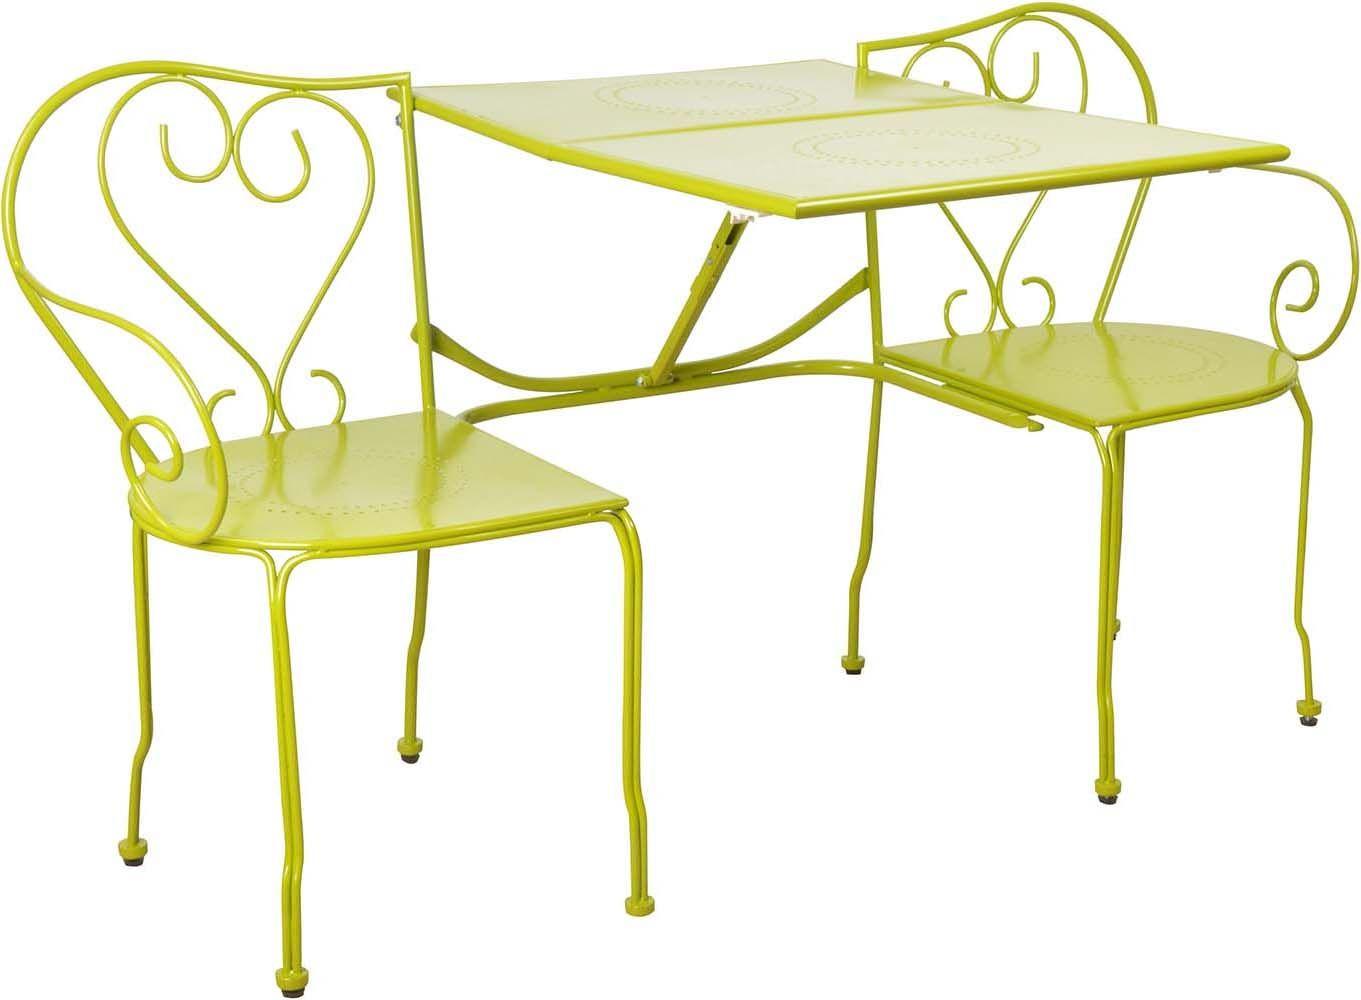 Table banc pliable et transformable en sapin habsj tfb jardin piscine banc transformable en - Banc de jardin pliable ...